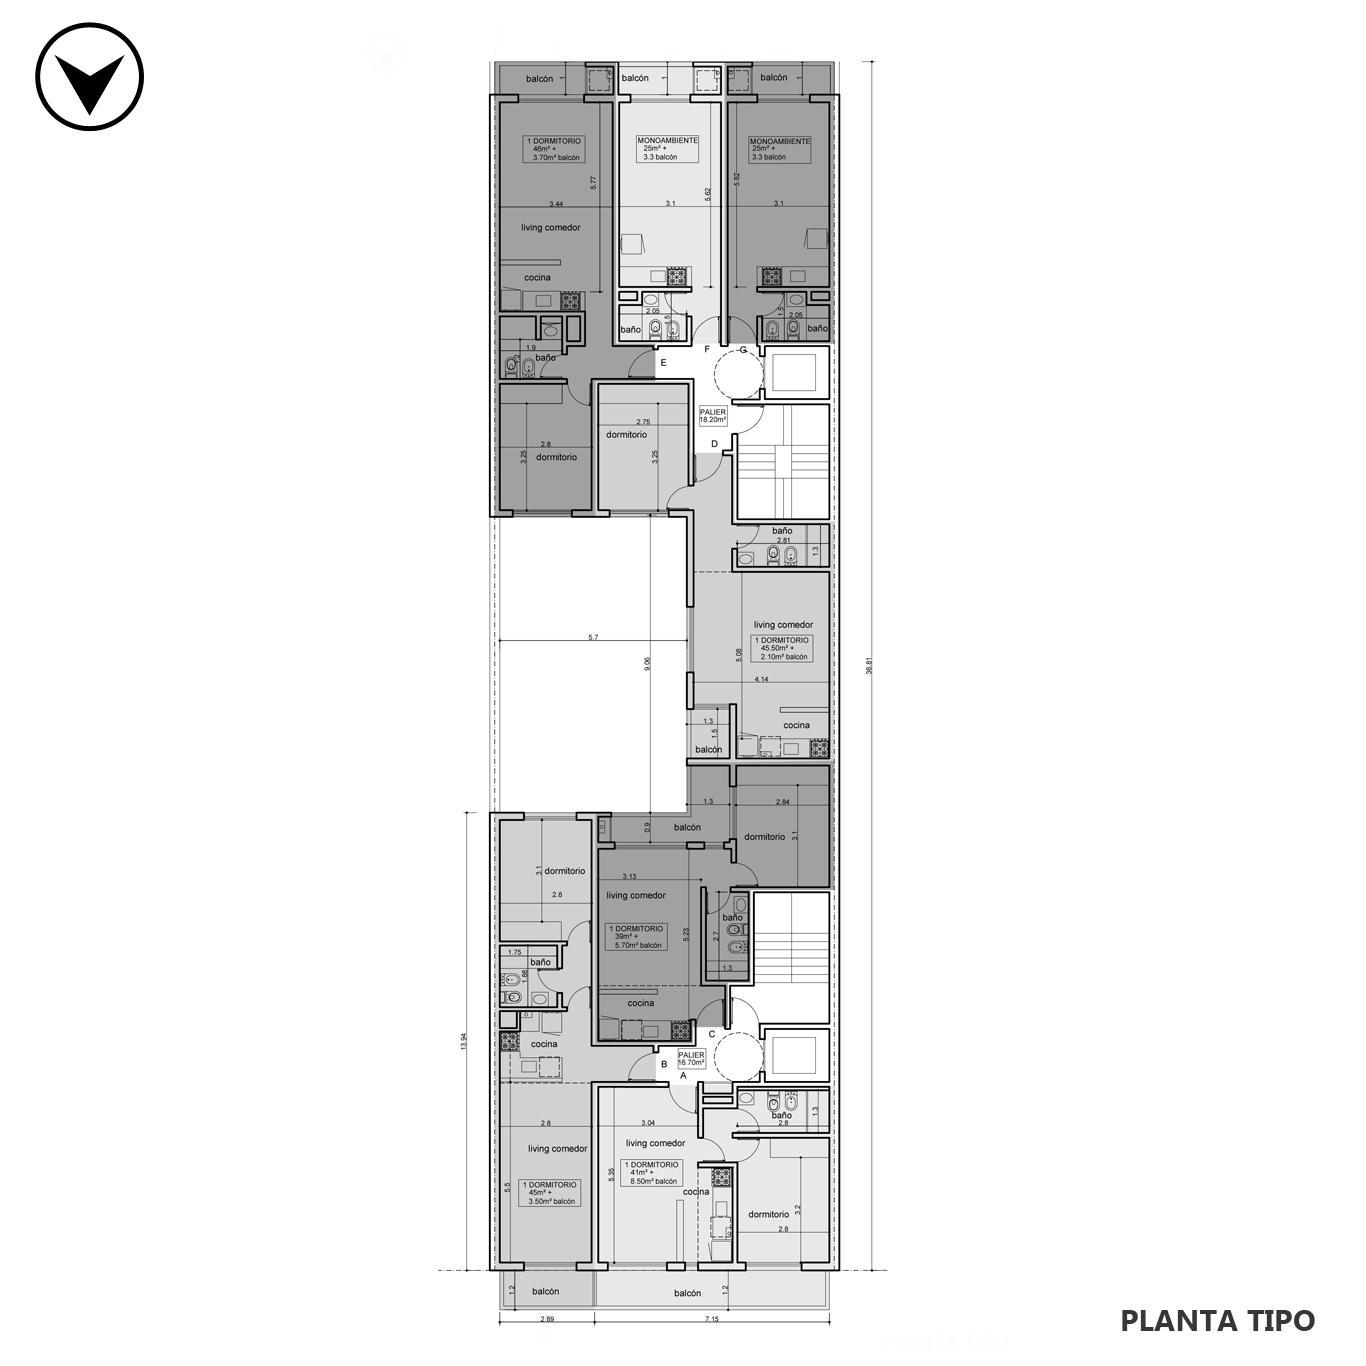 Venta departamento 1 dormitorio Rosario, Centro. Cod CBU24743 AP2302101. Crestale Propiedades